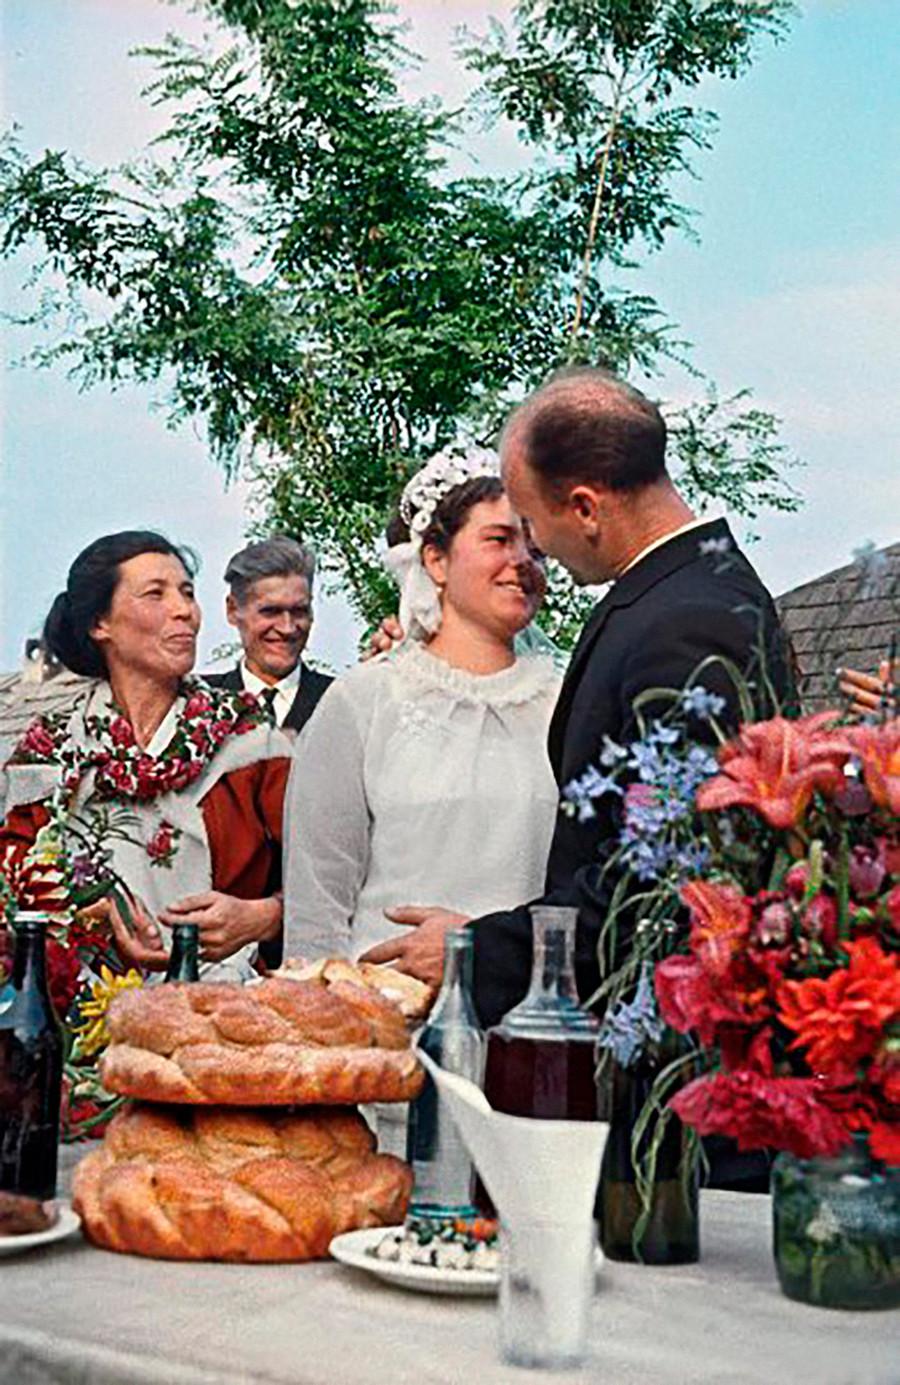 Un mariage des années 1950